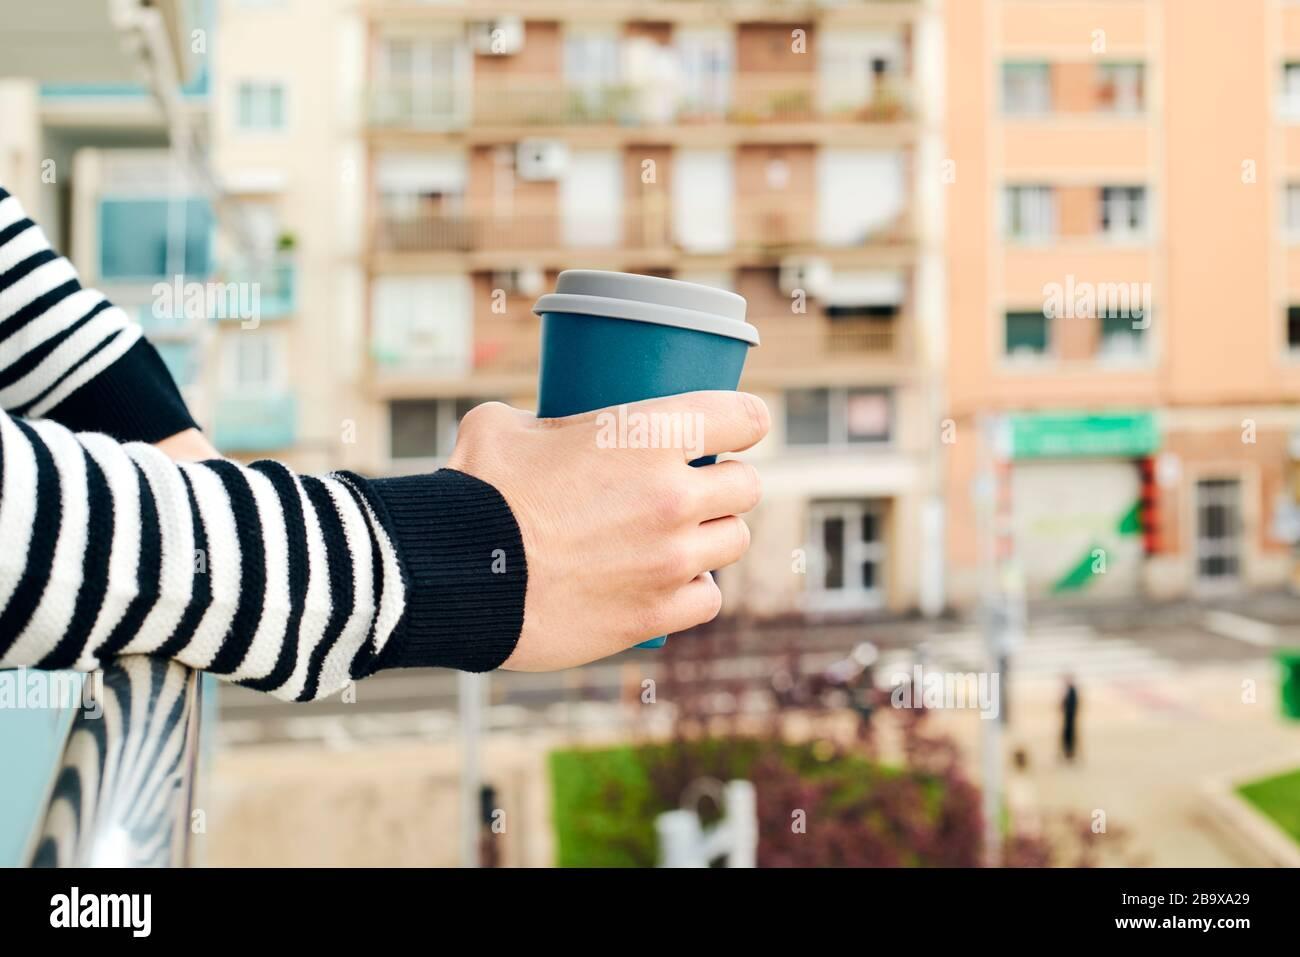 Nahaufnahme eines jungen kaukasischen Mannes mit legeren Kleidungsstücken, Kaffee auf dem Balkon seines Hauses oder eines Hotels Stockfoto